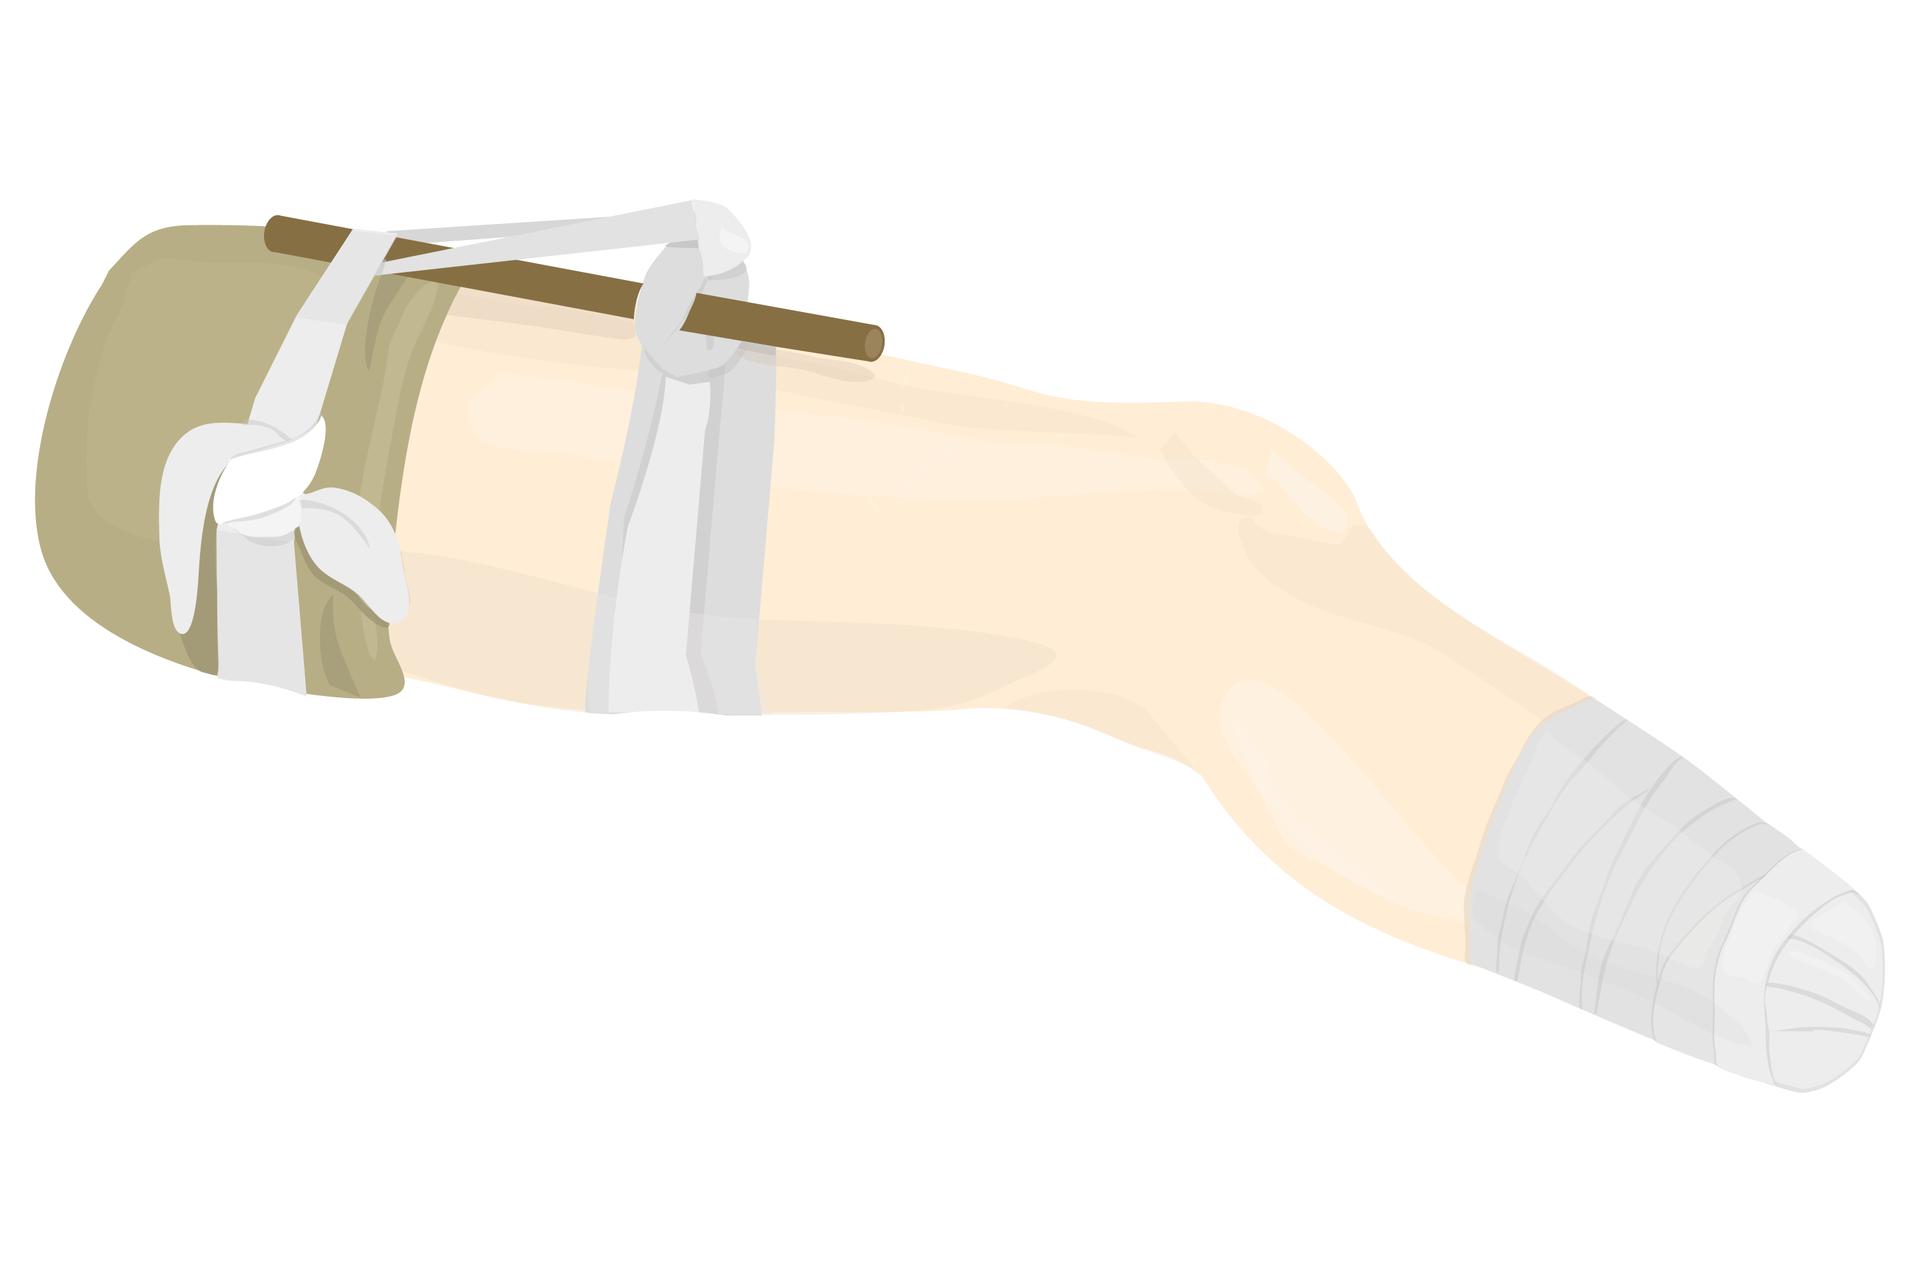 Ilustracja przedstawia sposób stosowania opaski uciskowej na nodze, po amputacji stopy powyżej kostki. Noga poszkodowanego bokiem do obserwatora. Noga zwrócona kolanem wprawą stronę. Wokół uda dwie opaski uciskowe. Opaski wykonane zbandażu. Opaska po lewej na wysokości pachwiny, opaska po prawej wpołowie uda. Krótki kij wetknięty jest pod lewą opaskę iprzeciągnięty przez węzeł prawej opaski uciskowej. Miejsce po amputacji, poniżej kolana, jest obwiązane bandażem.